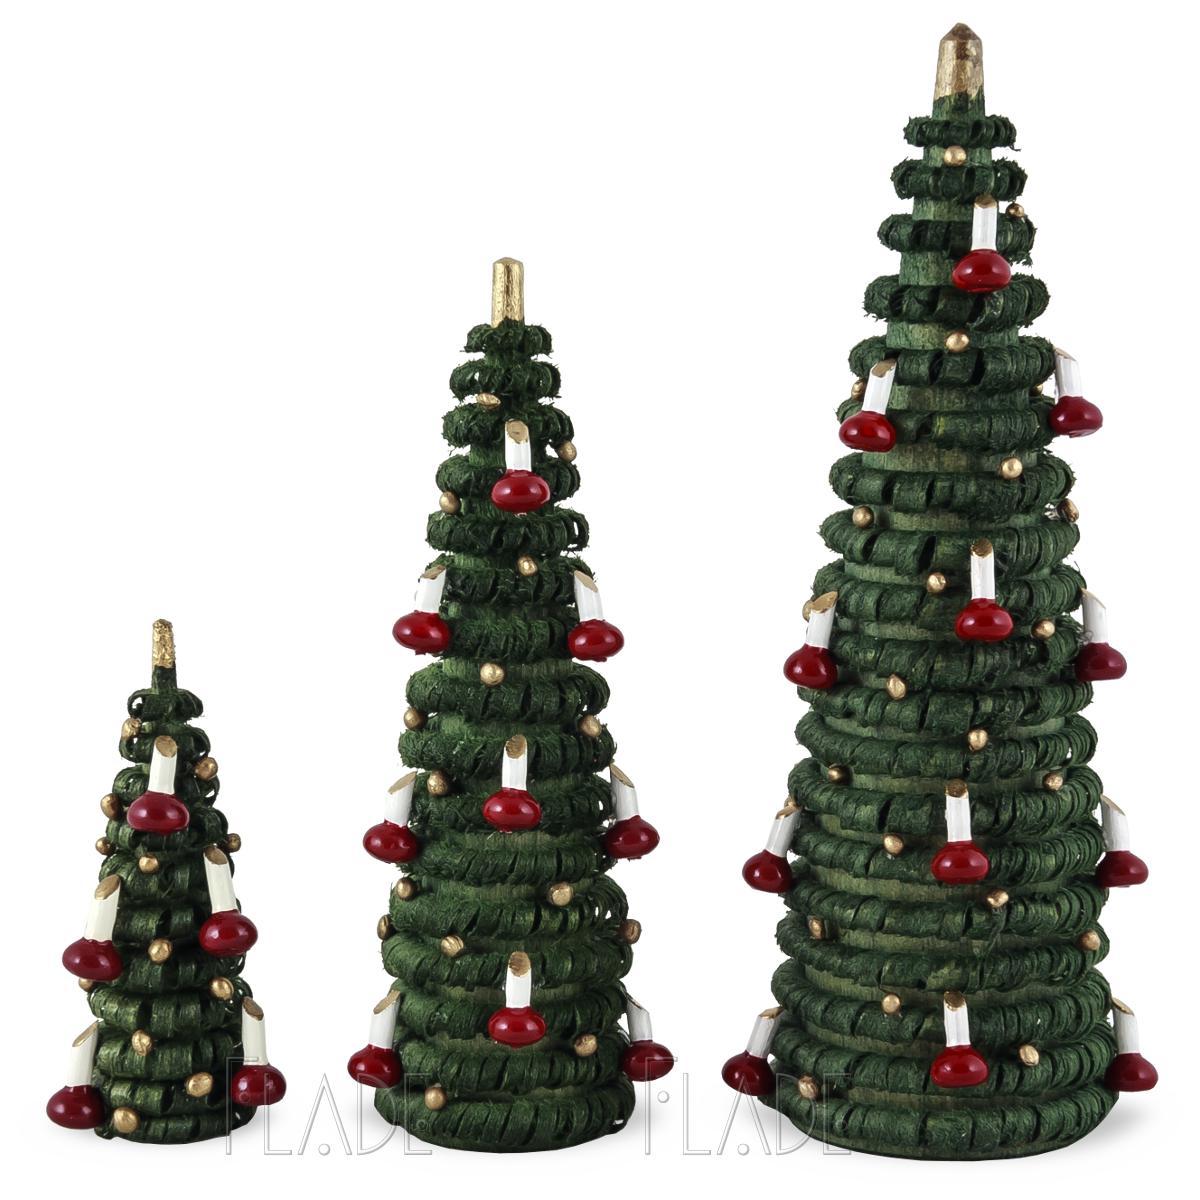 Weihnachtsbaum – Kleine Kostbarkeiten